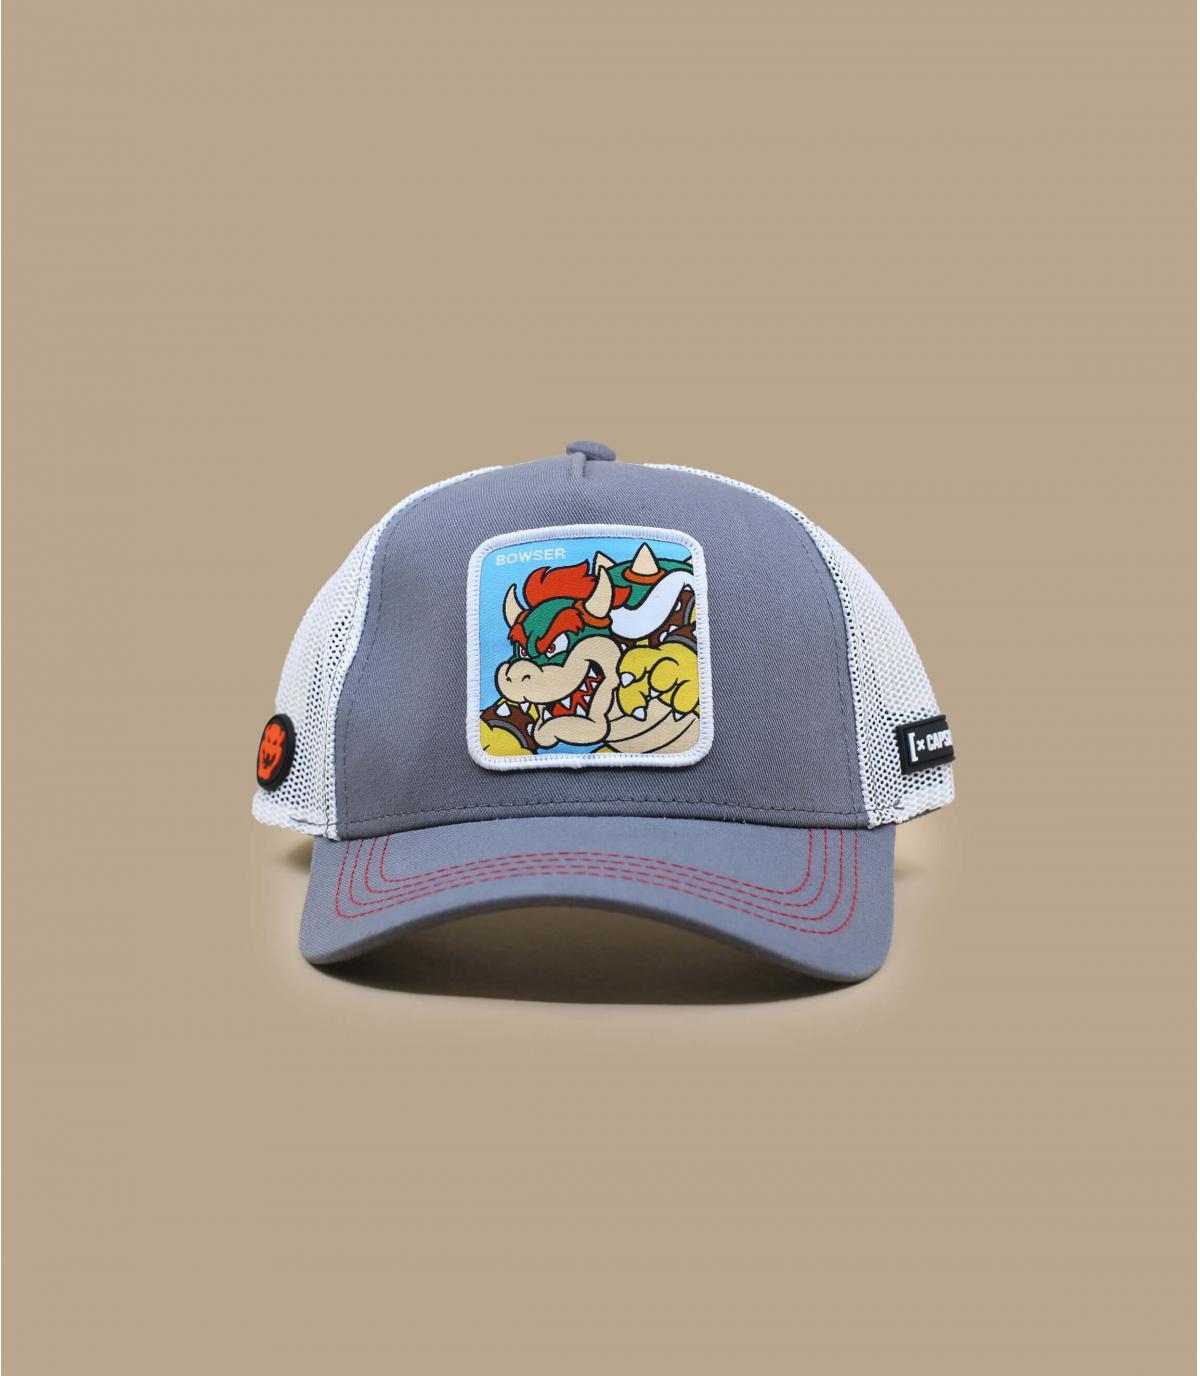 Trucker Cap Bowser Mario Bros